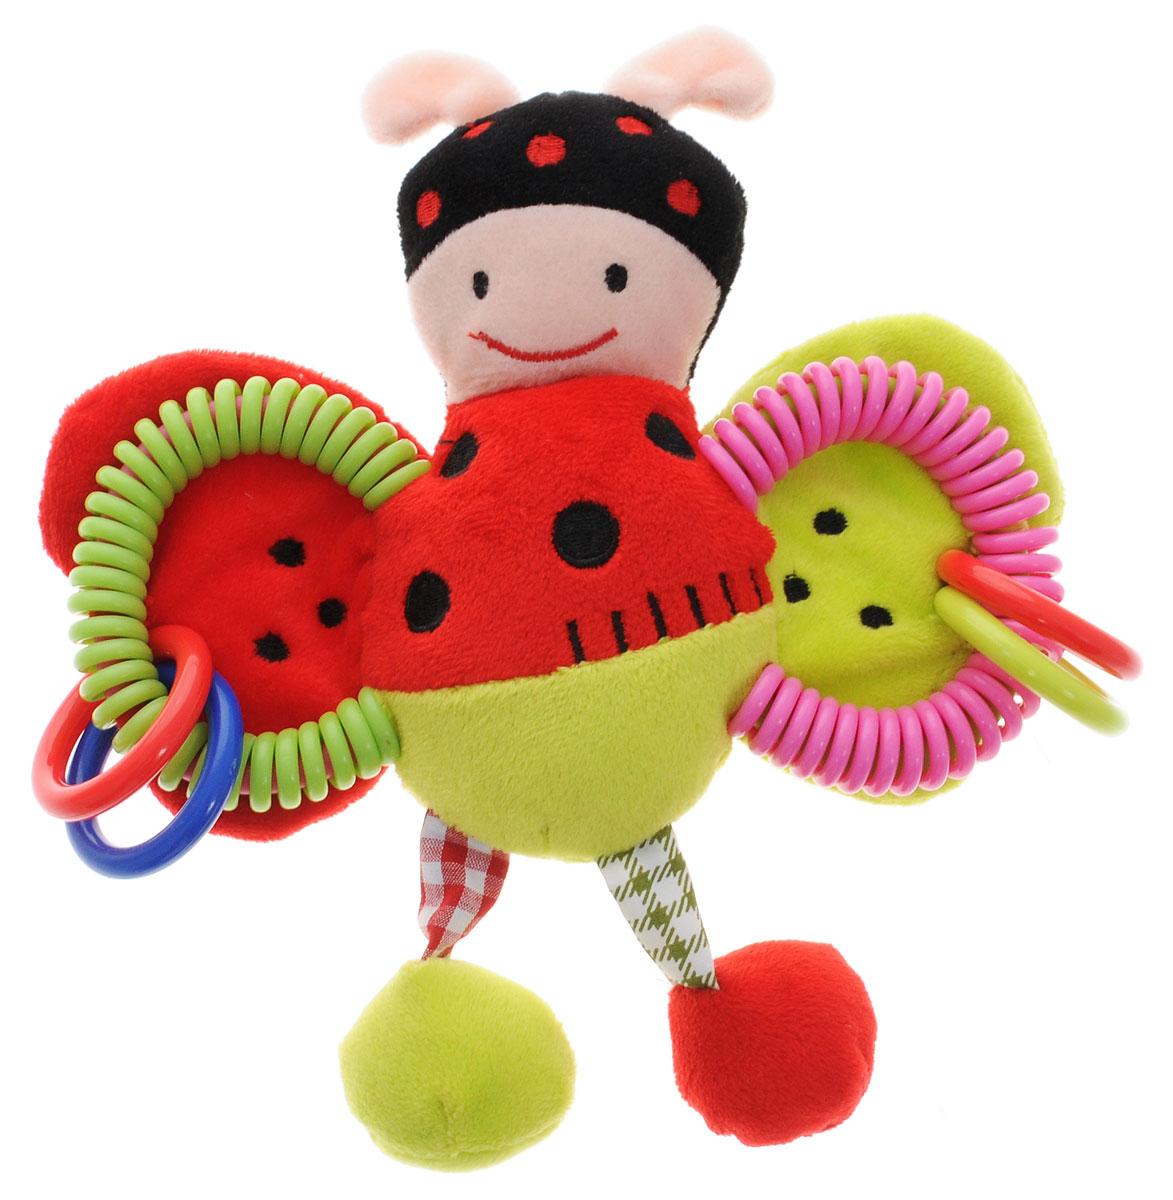 Жирафики Развивающая игрушка Божья коровка93852Яркая развивающая игрушка Жирафики Божья коровка изготовлена из материалов различной фактуры. Как же весело и интересно ее рассматривать! Но держать ее в маленьких ручках еще интереснее, ведь она таит в себе столько приятных сюрпризов и столько удивительных открытий! У игрушки имеются колечки и пружинки. Крылышки оснащены шуршащими элементами. При встряхивании божья коровка издает забавный звук. Игрушка способствует развитию цветовосприятия, звуковосприятия и мелкой моторики рук.